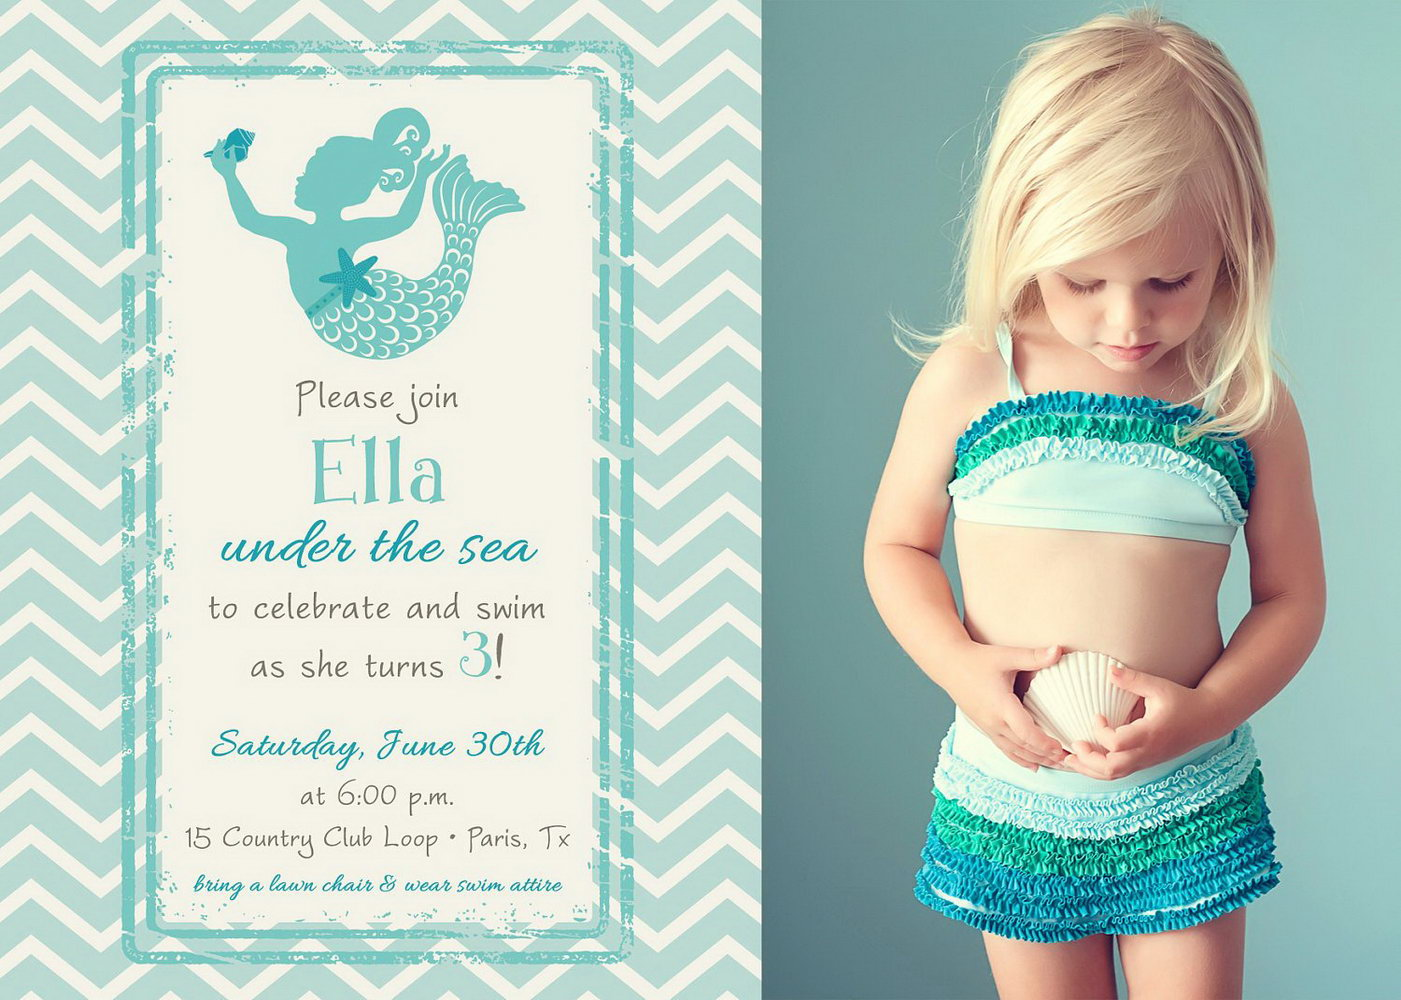 Mermaid Tail Invitation Template